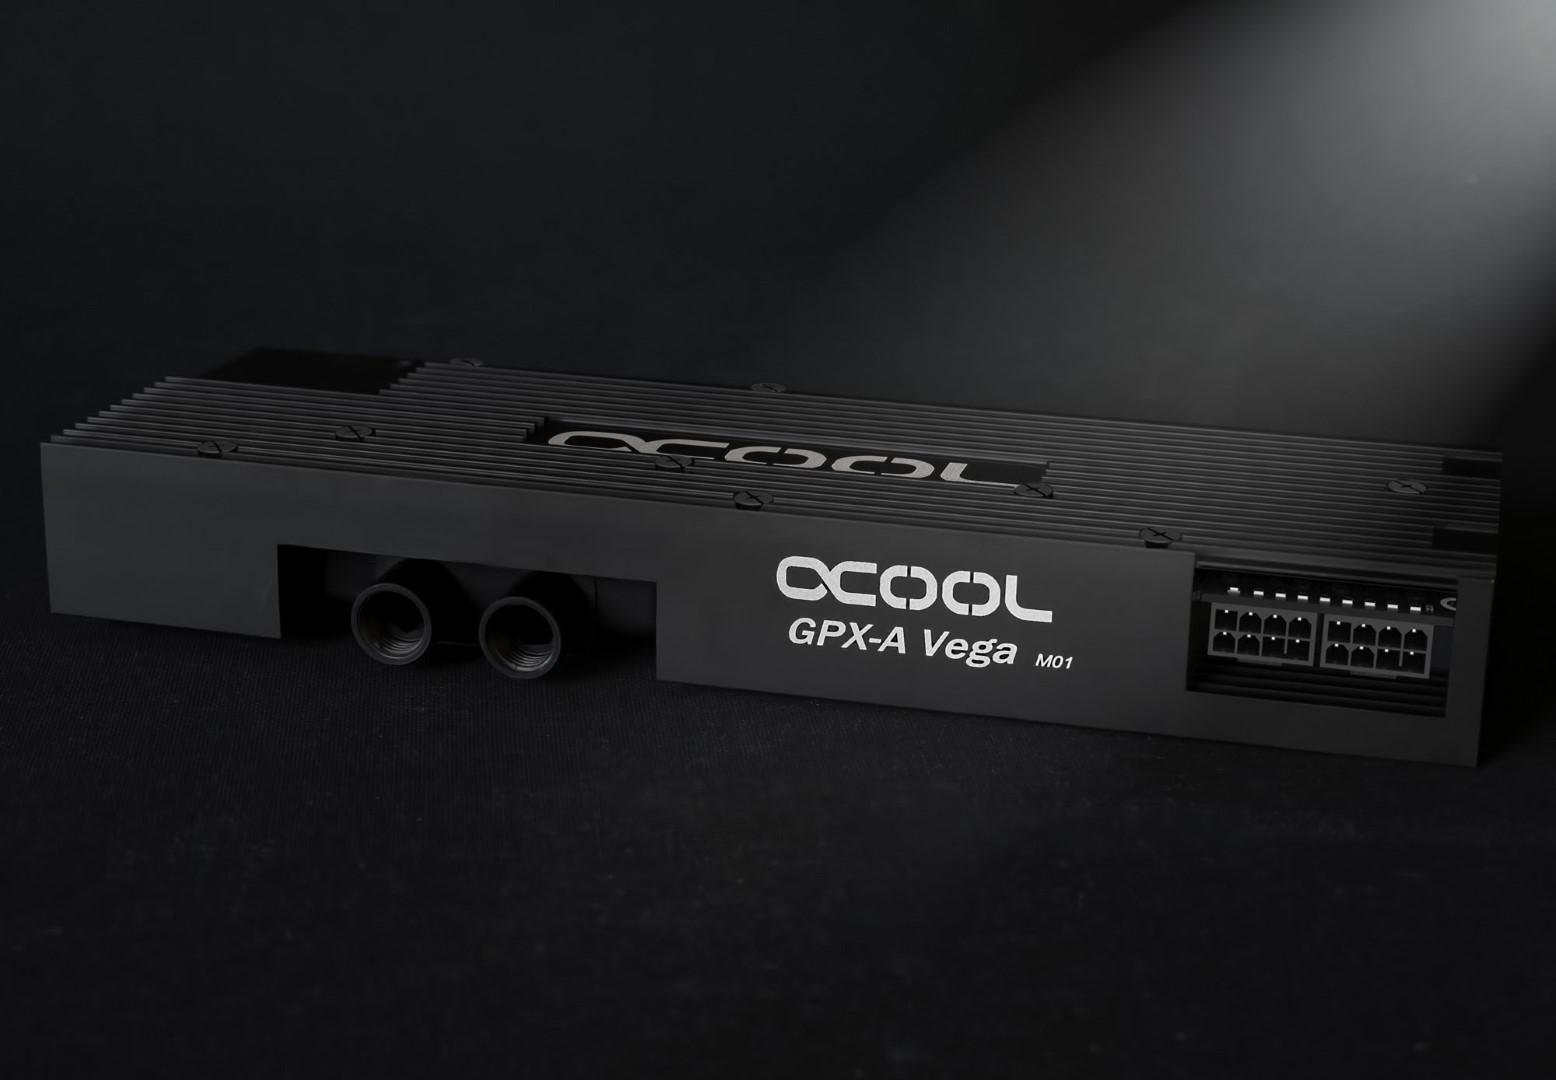 Alphacool sort ses solutions de refroidissement pour Vega, entre autres